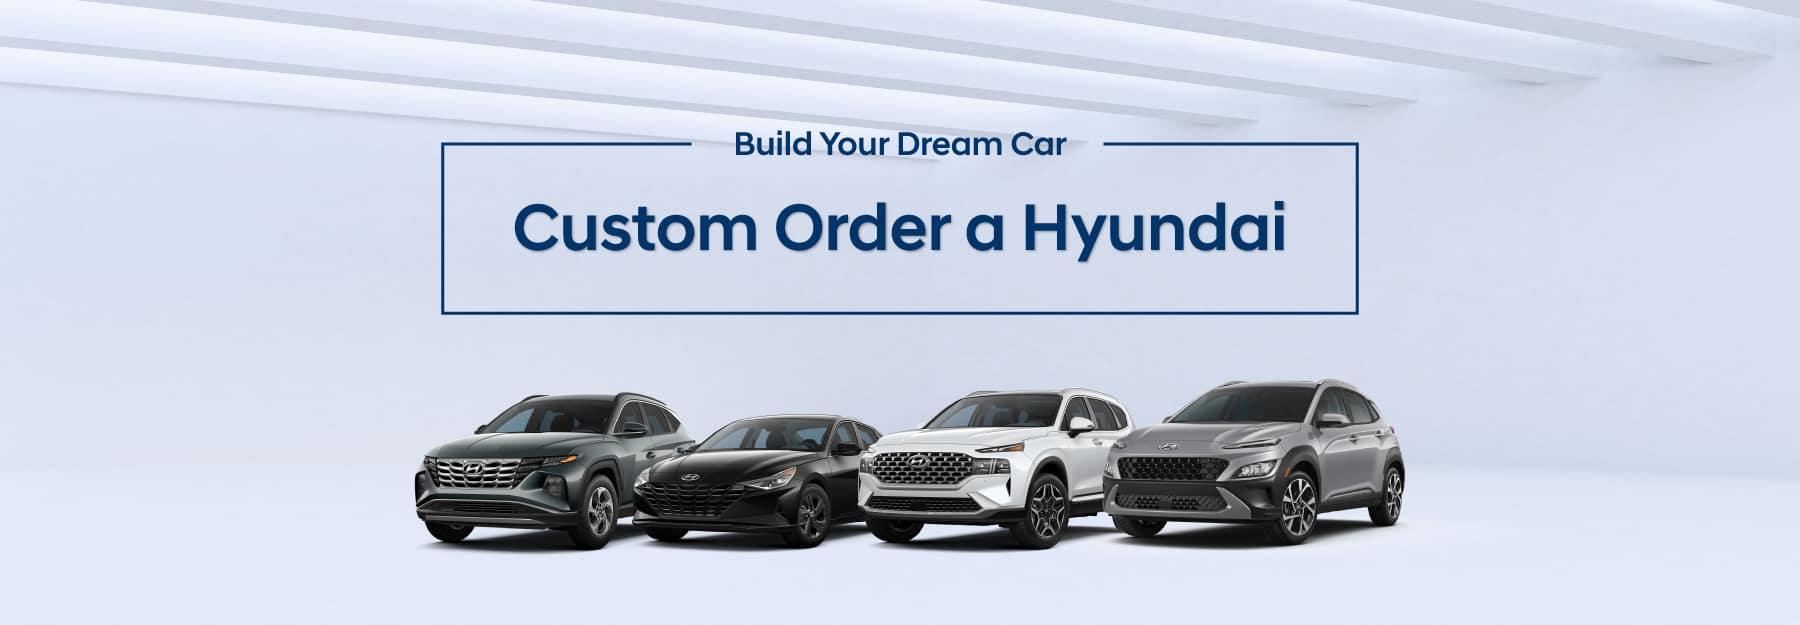 Build Your Dream Car - Custom Order a Hyundai from Hyundai of Las Vegas